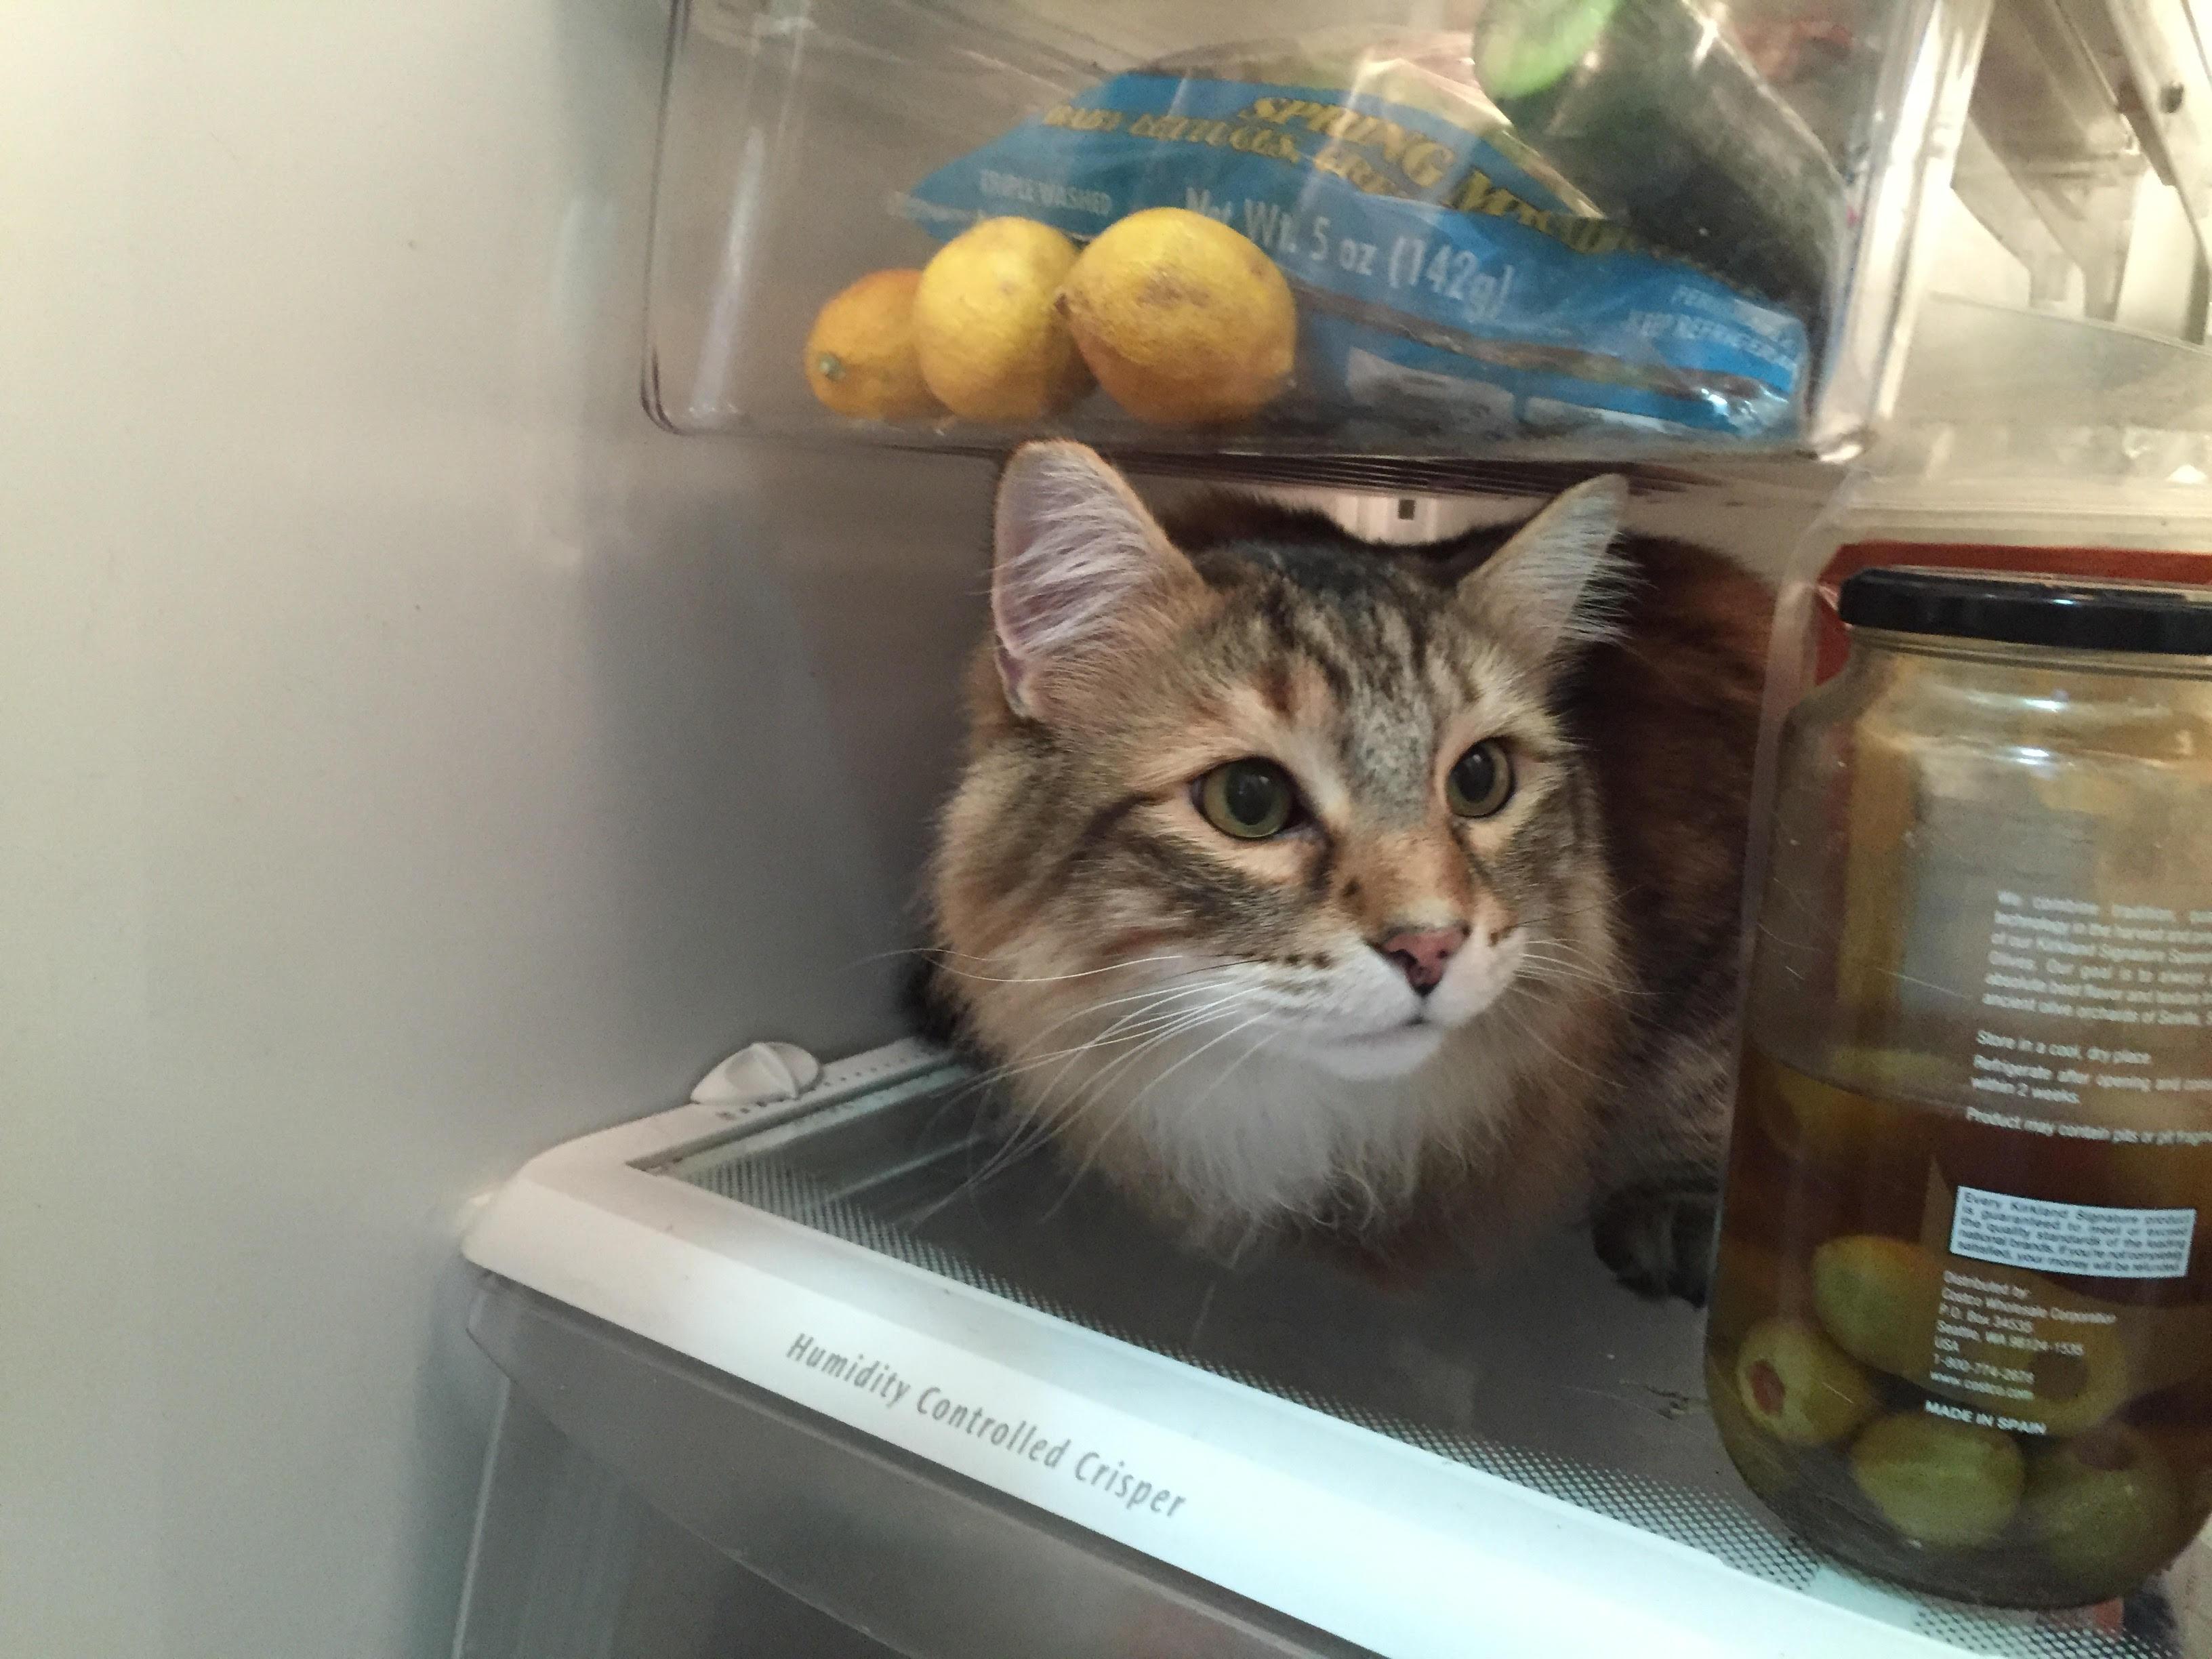 Fridgecat